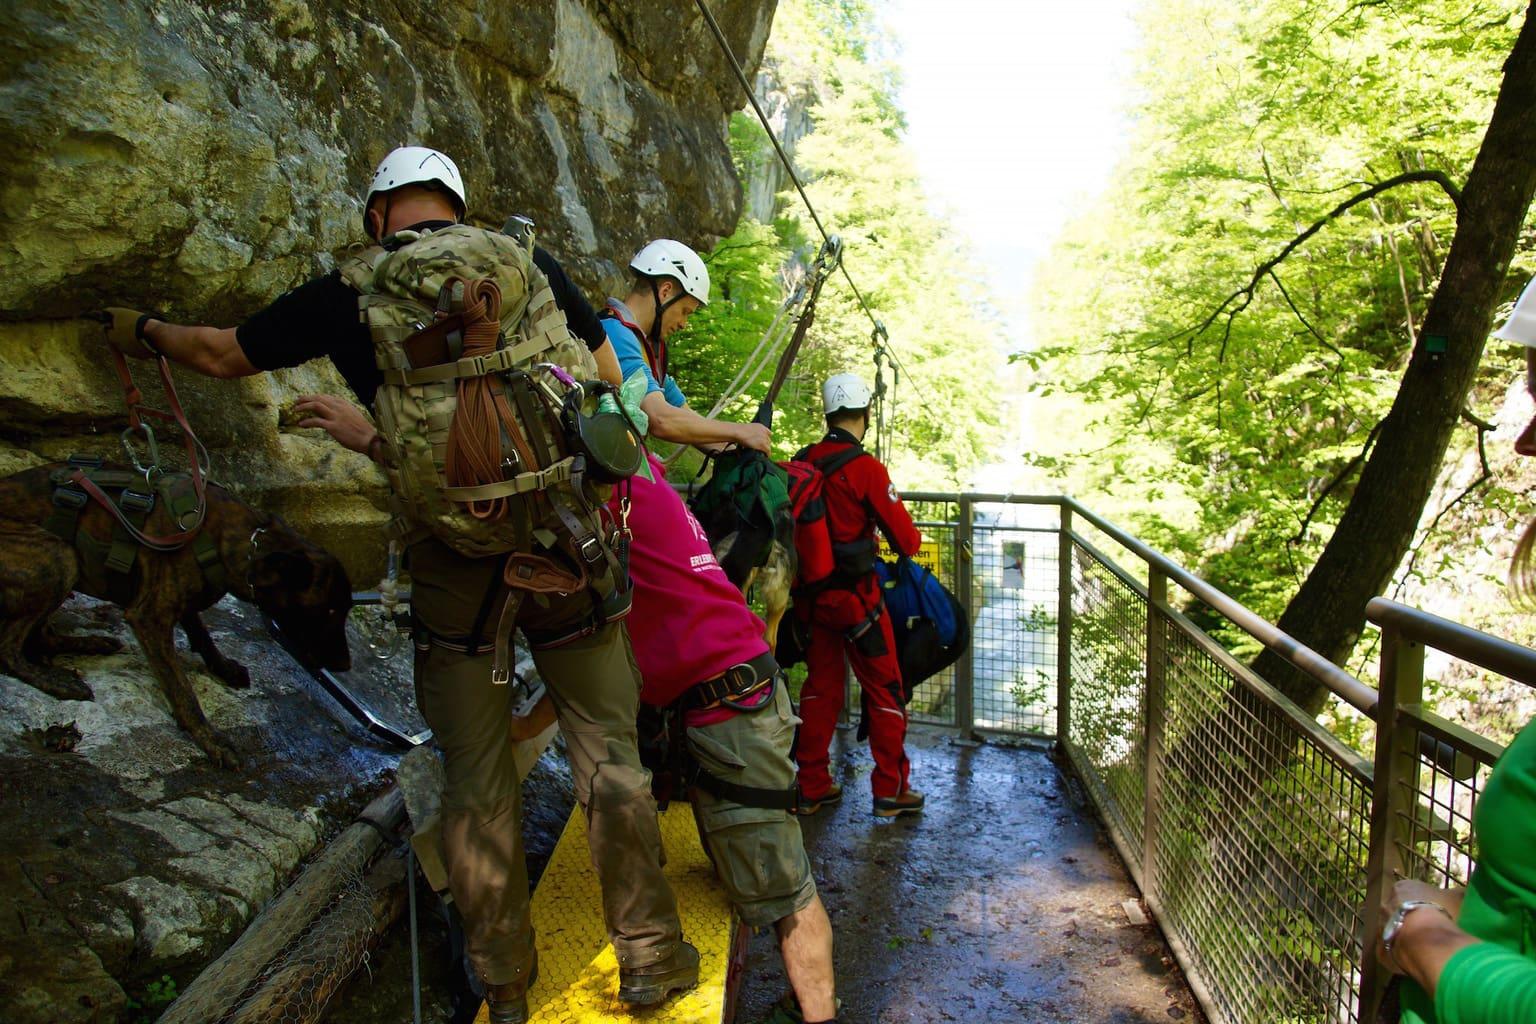 Mantrailing-Einsatzübung im Tennengebirge